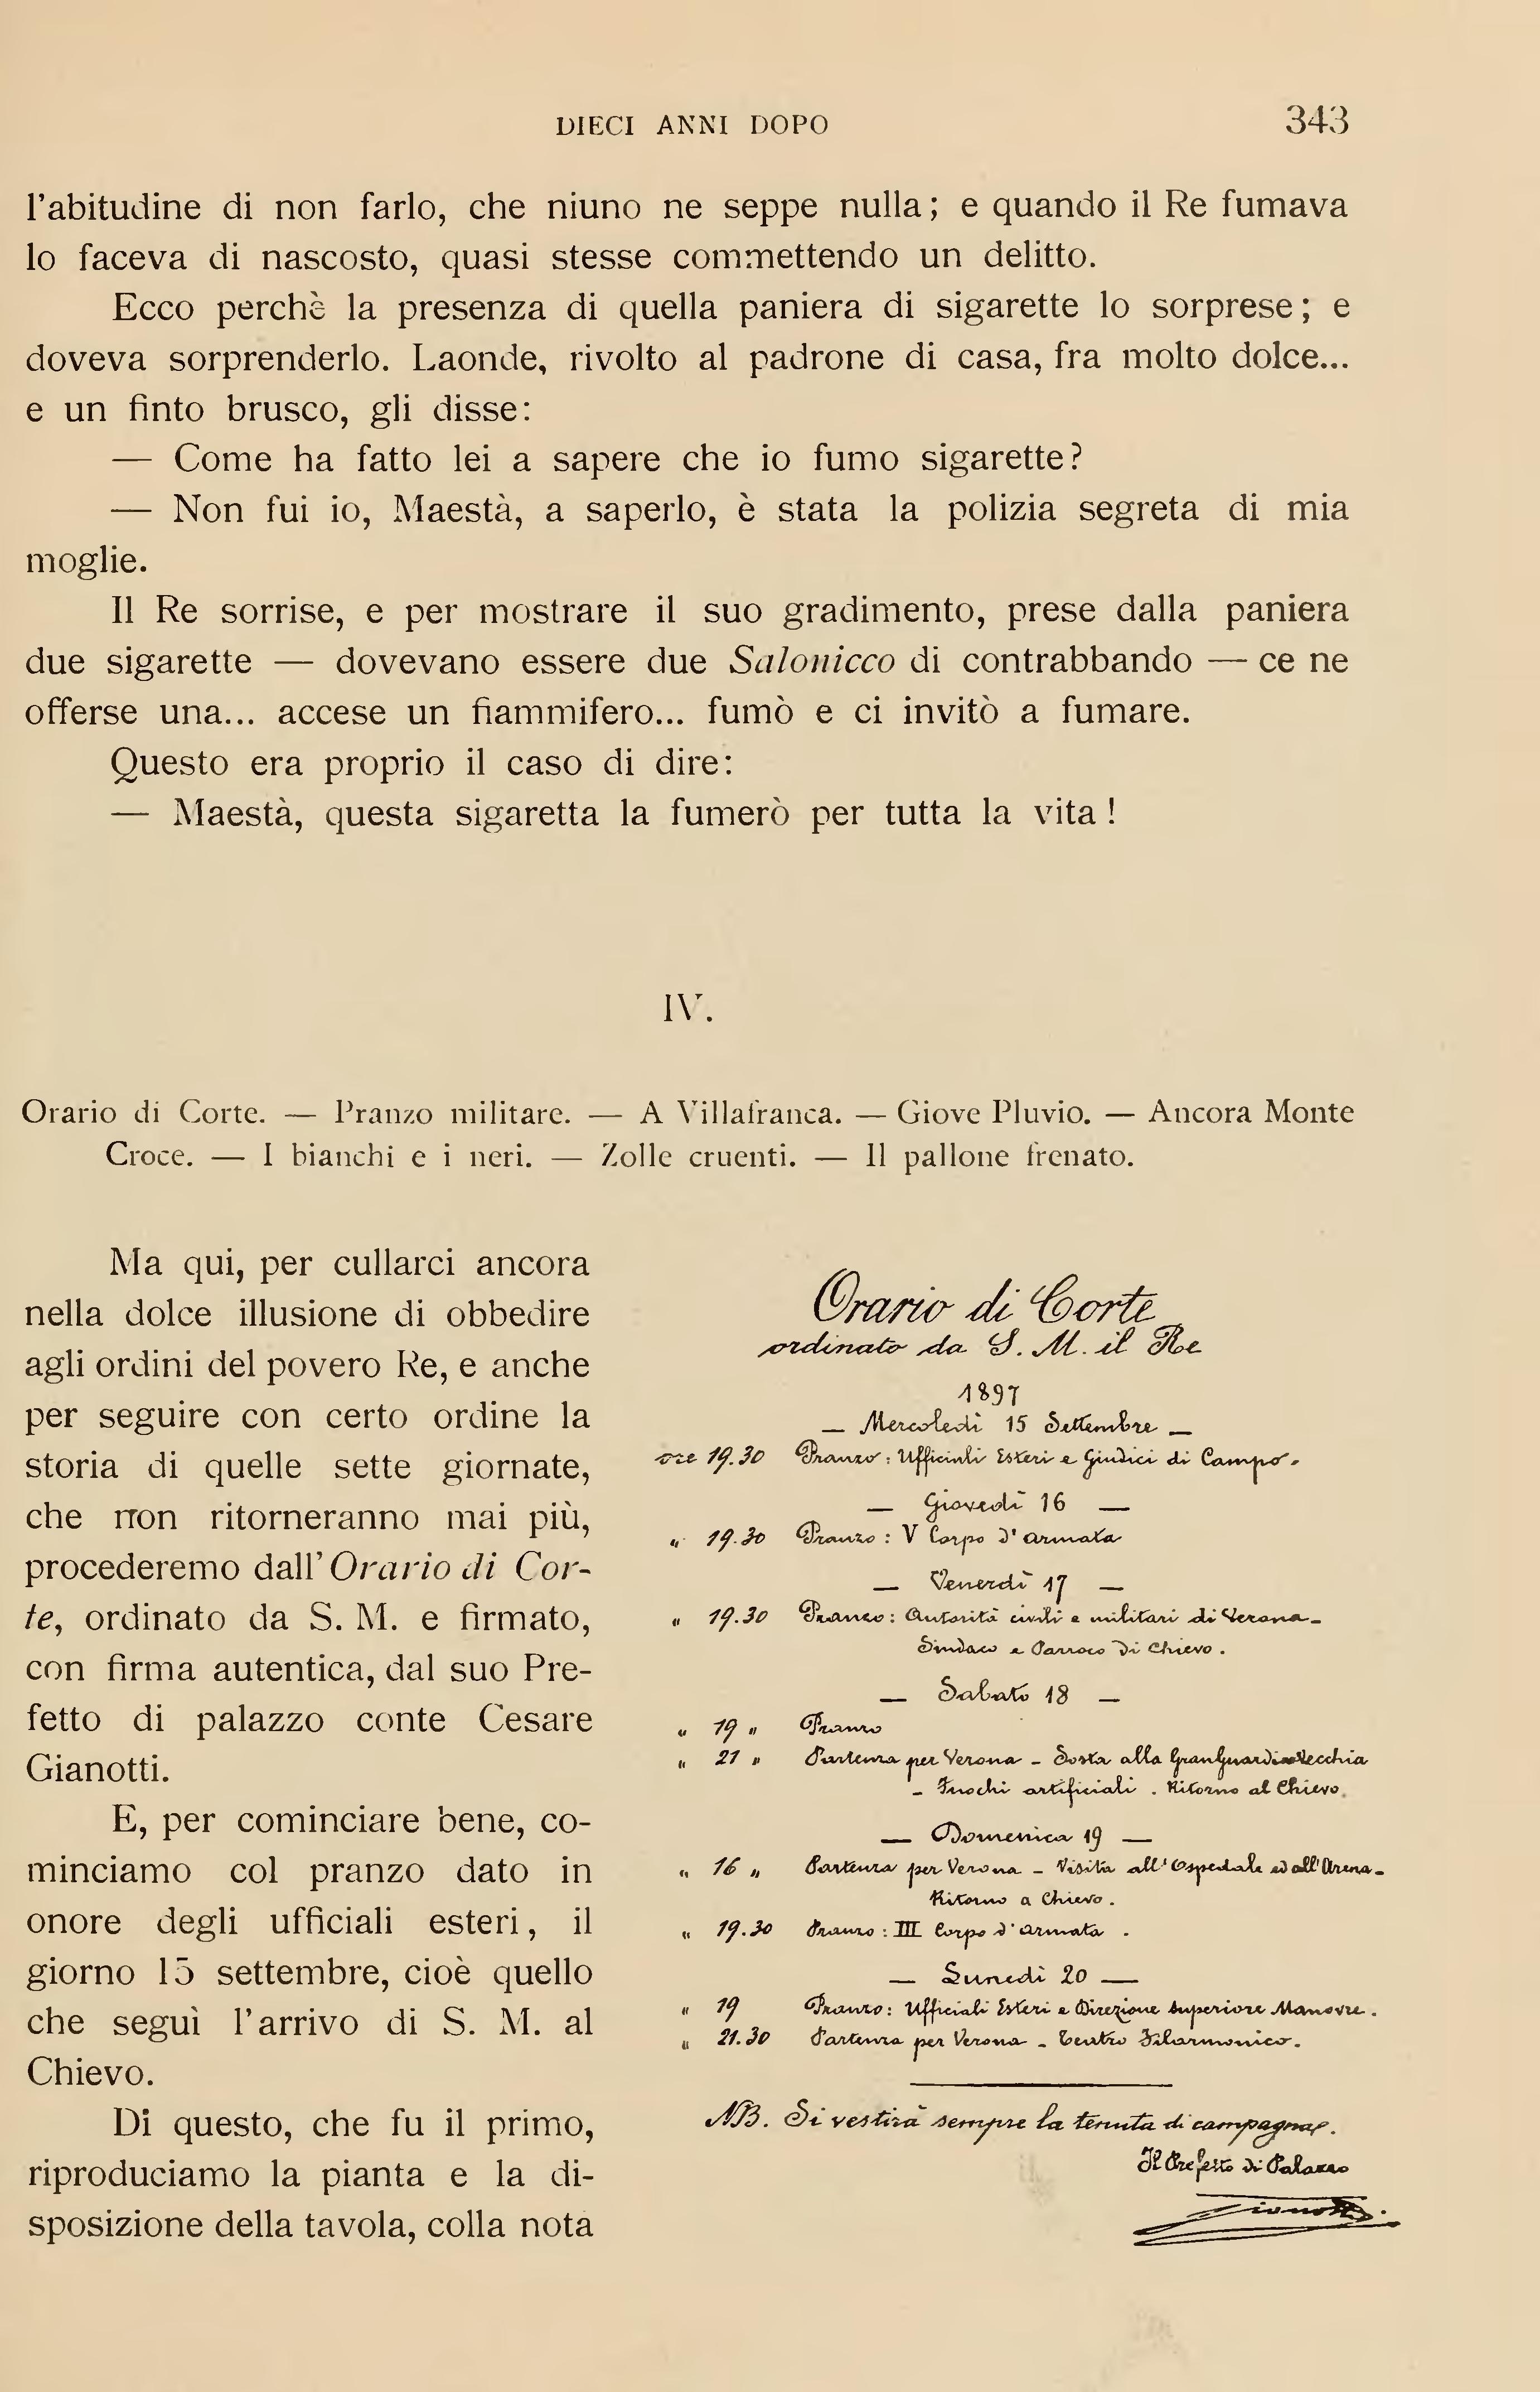 Pagina patria esercito wikisource - La tavola degli ufficiali ...